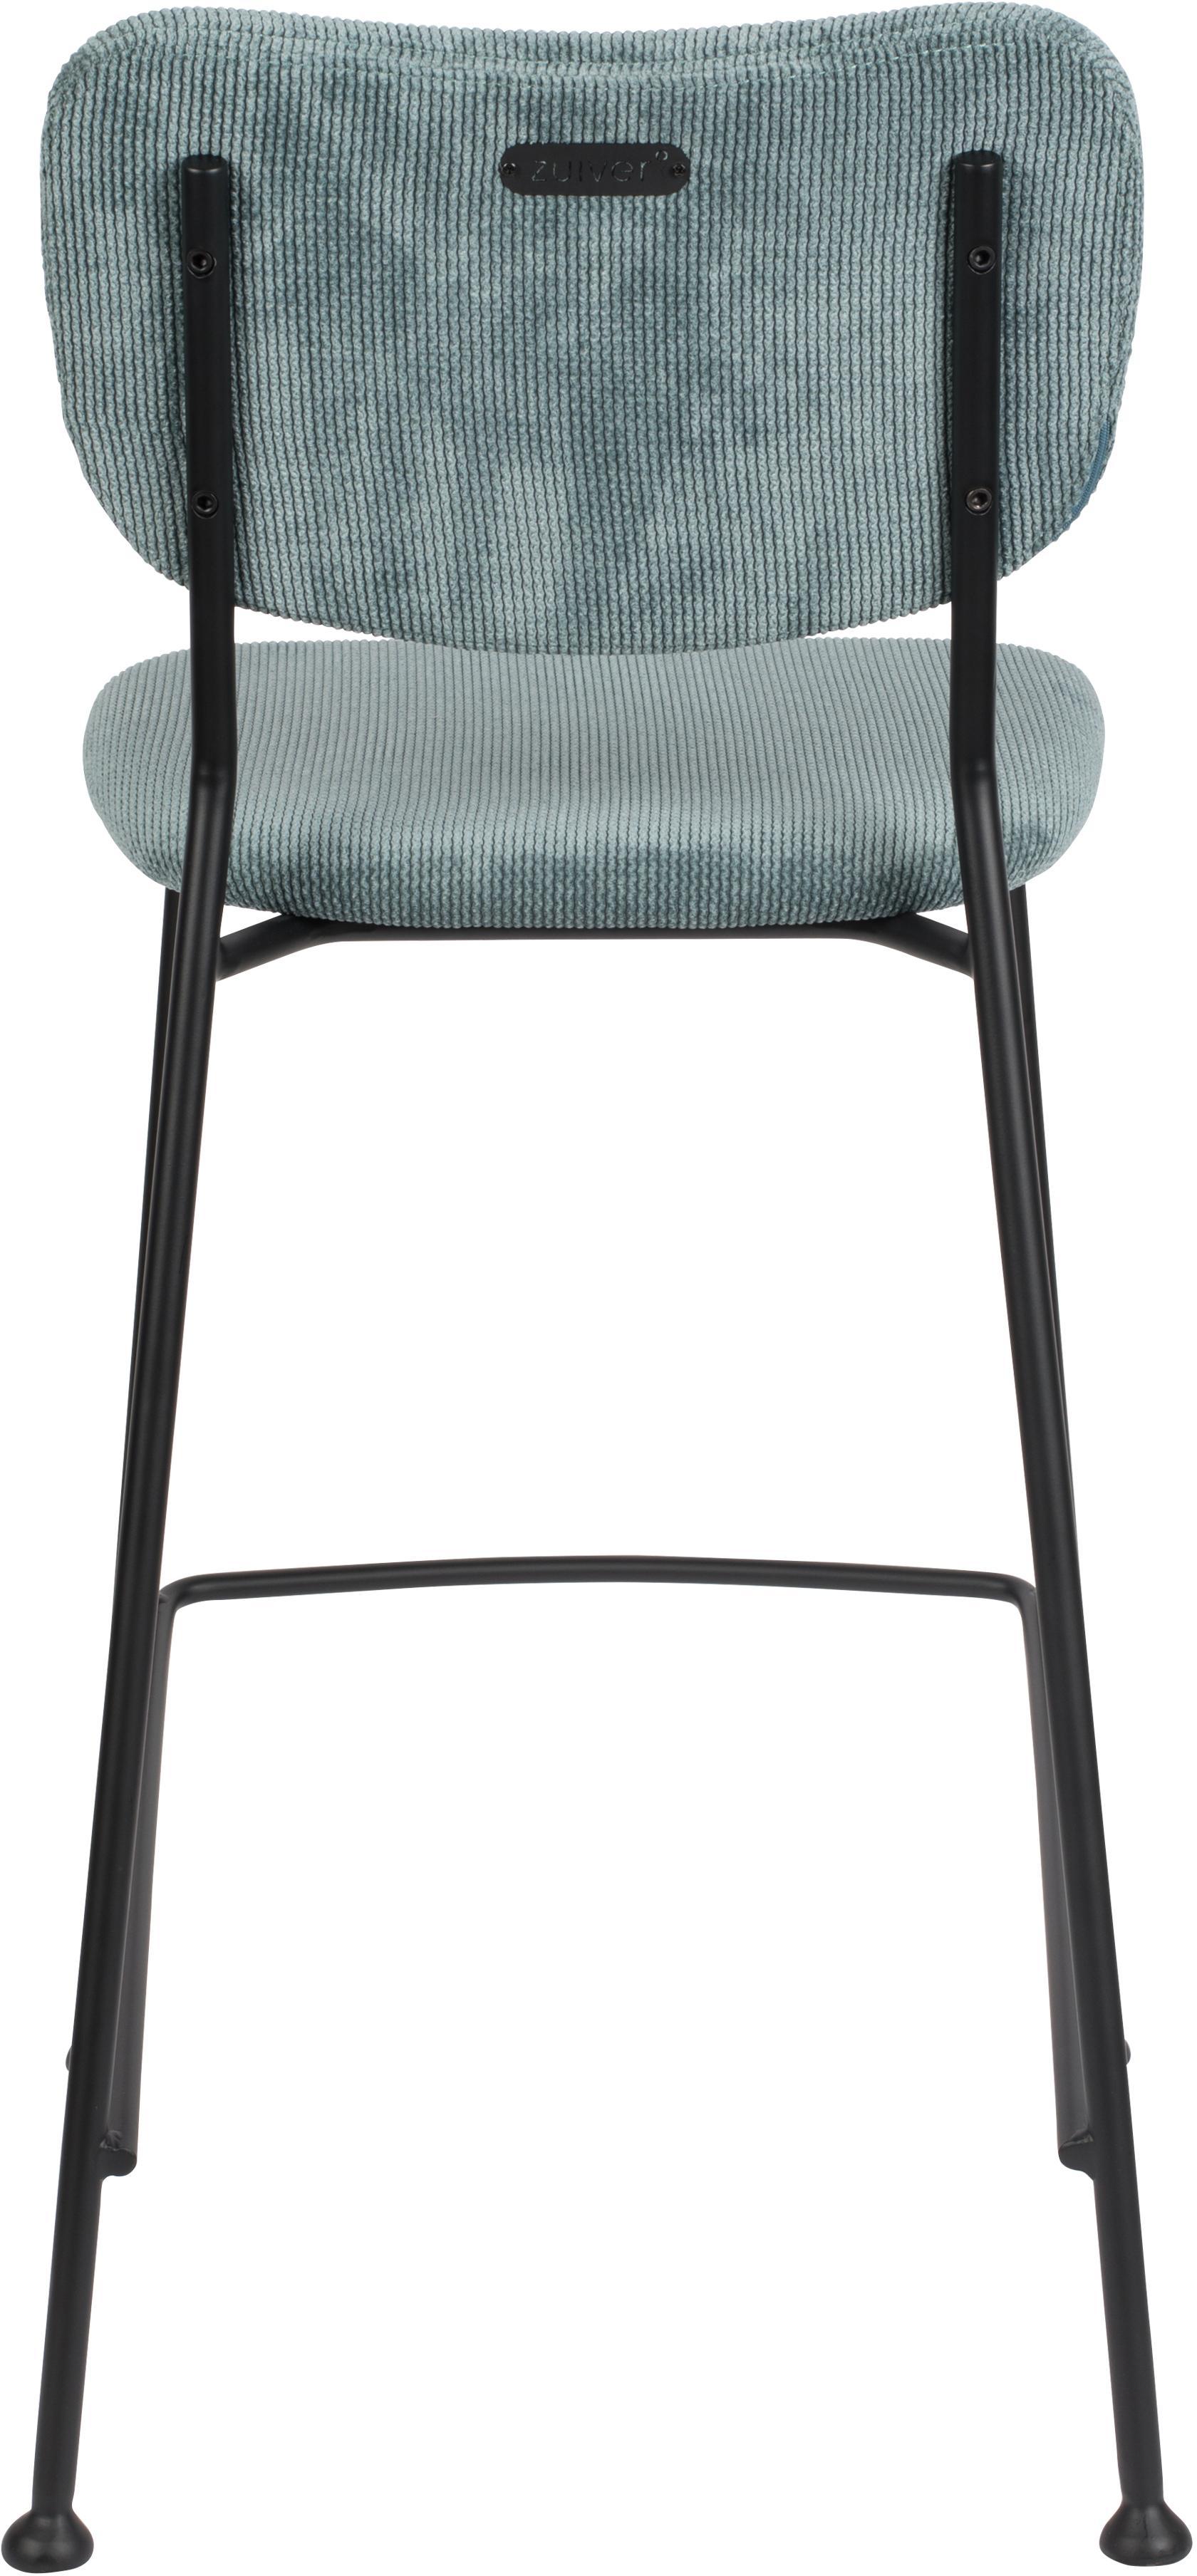 Cord-Thekenstuhl Beson, Gestell: Metall, pulverbeschichtet, Graublau, 46 x 92 cm